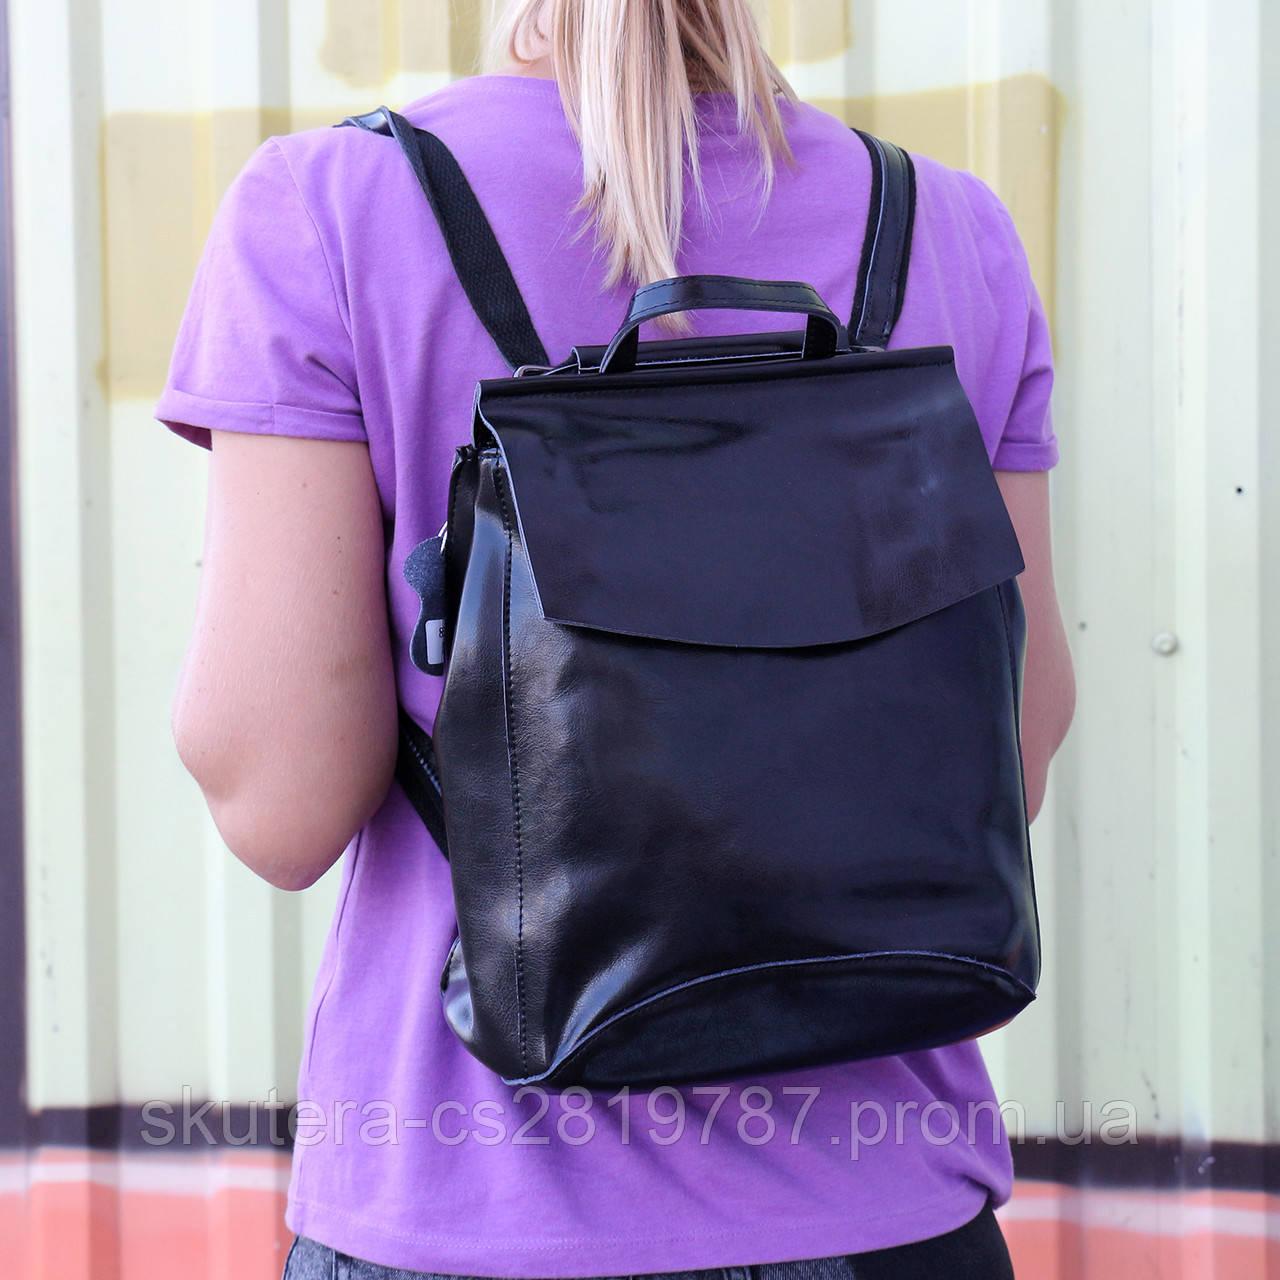 42acf065d70c Женский кожаный рюкзак-сумка(трансформер)